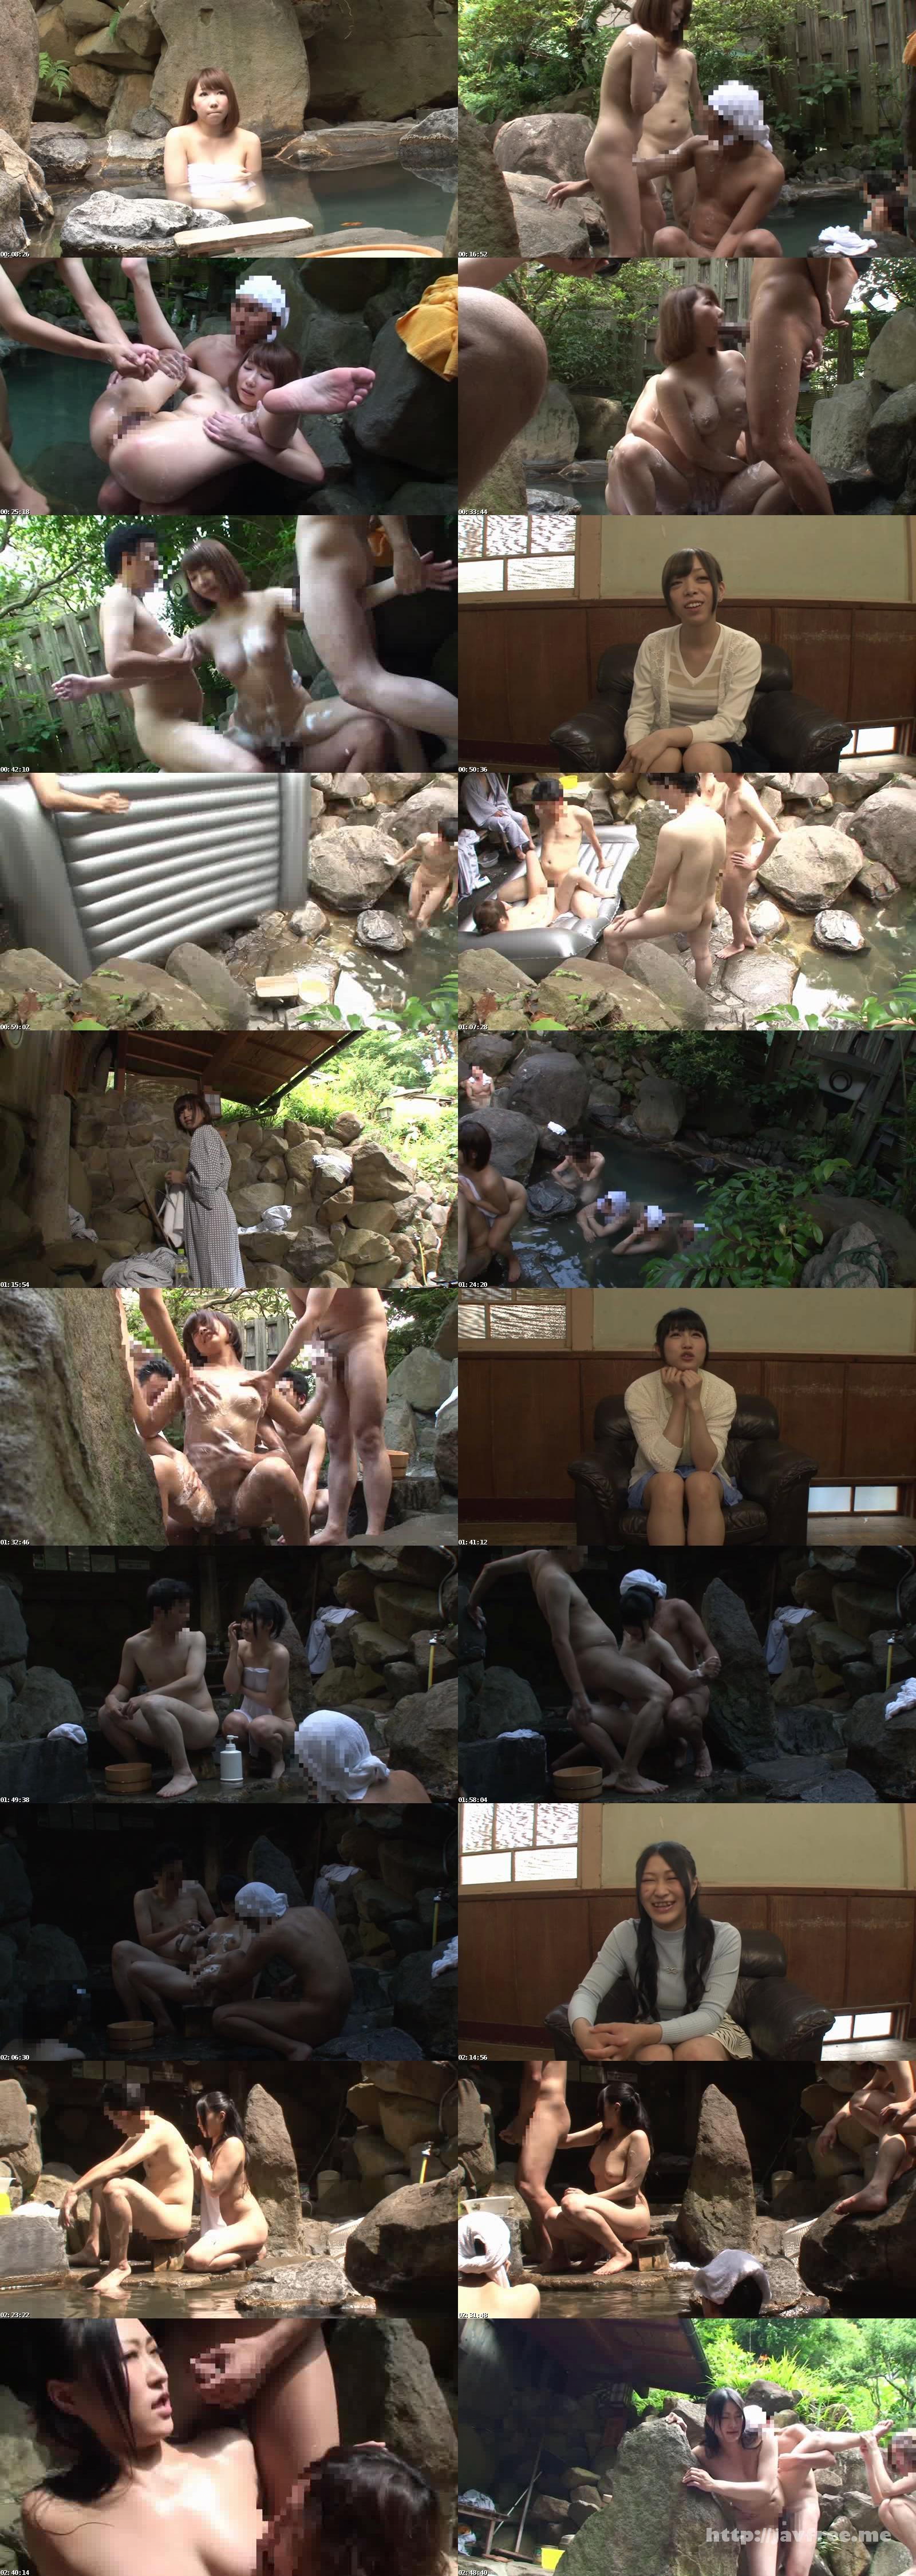 [IENE 464] 素人お嬢さんが混浴露天風呂でヌルヌル泡泡ボディ洗い体験 3 IENE